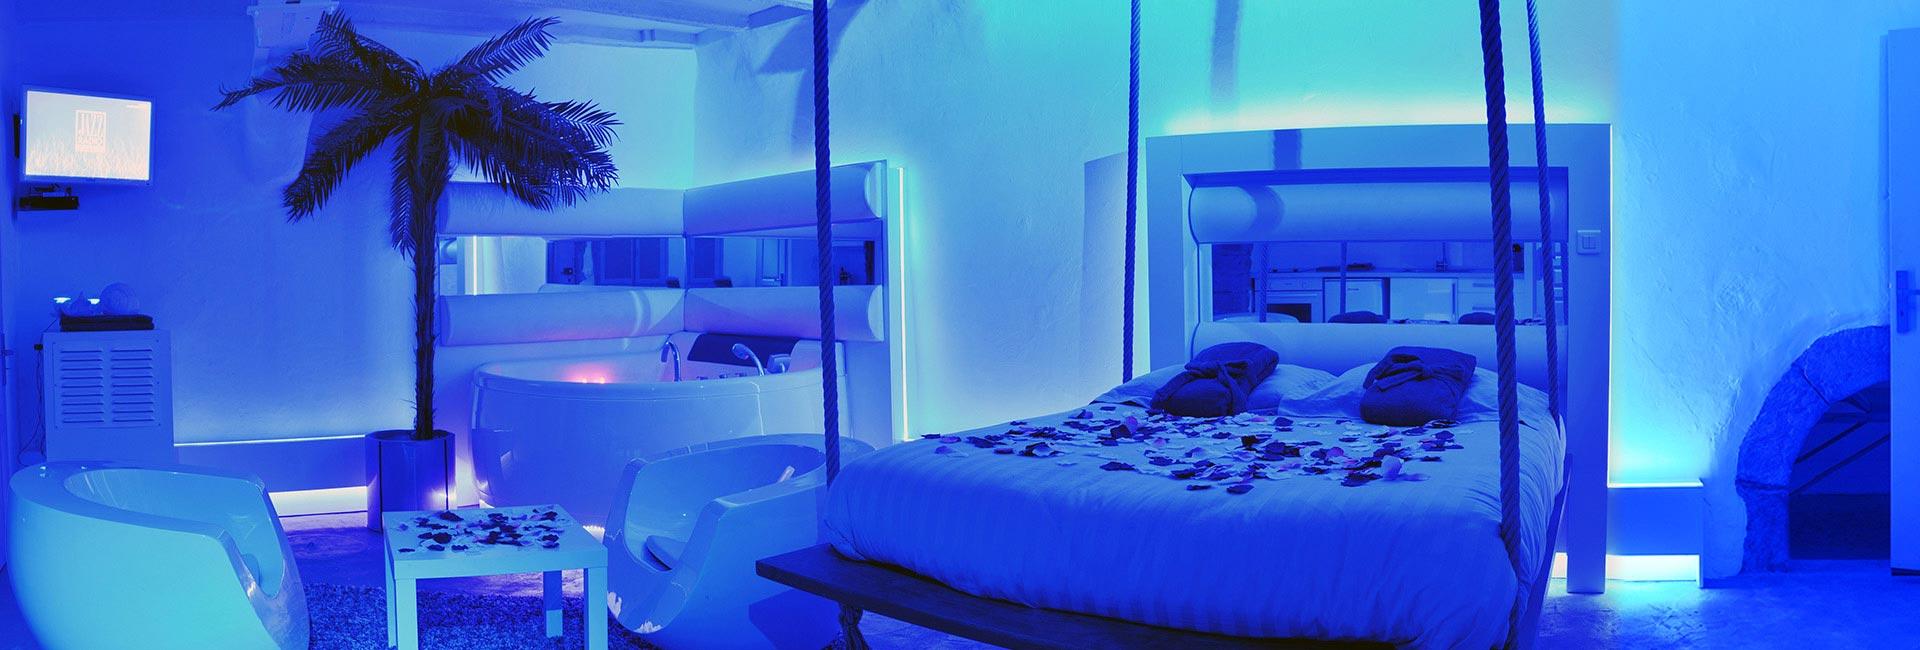 Week end lyon romantique nuit et spa for Nuit en amoureux